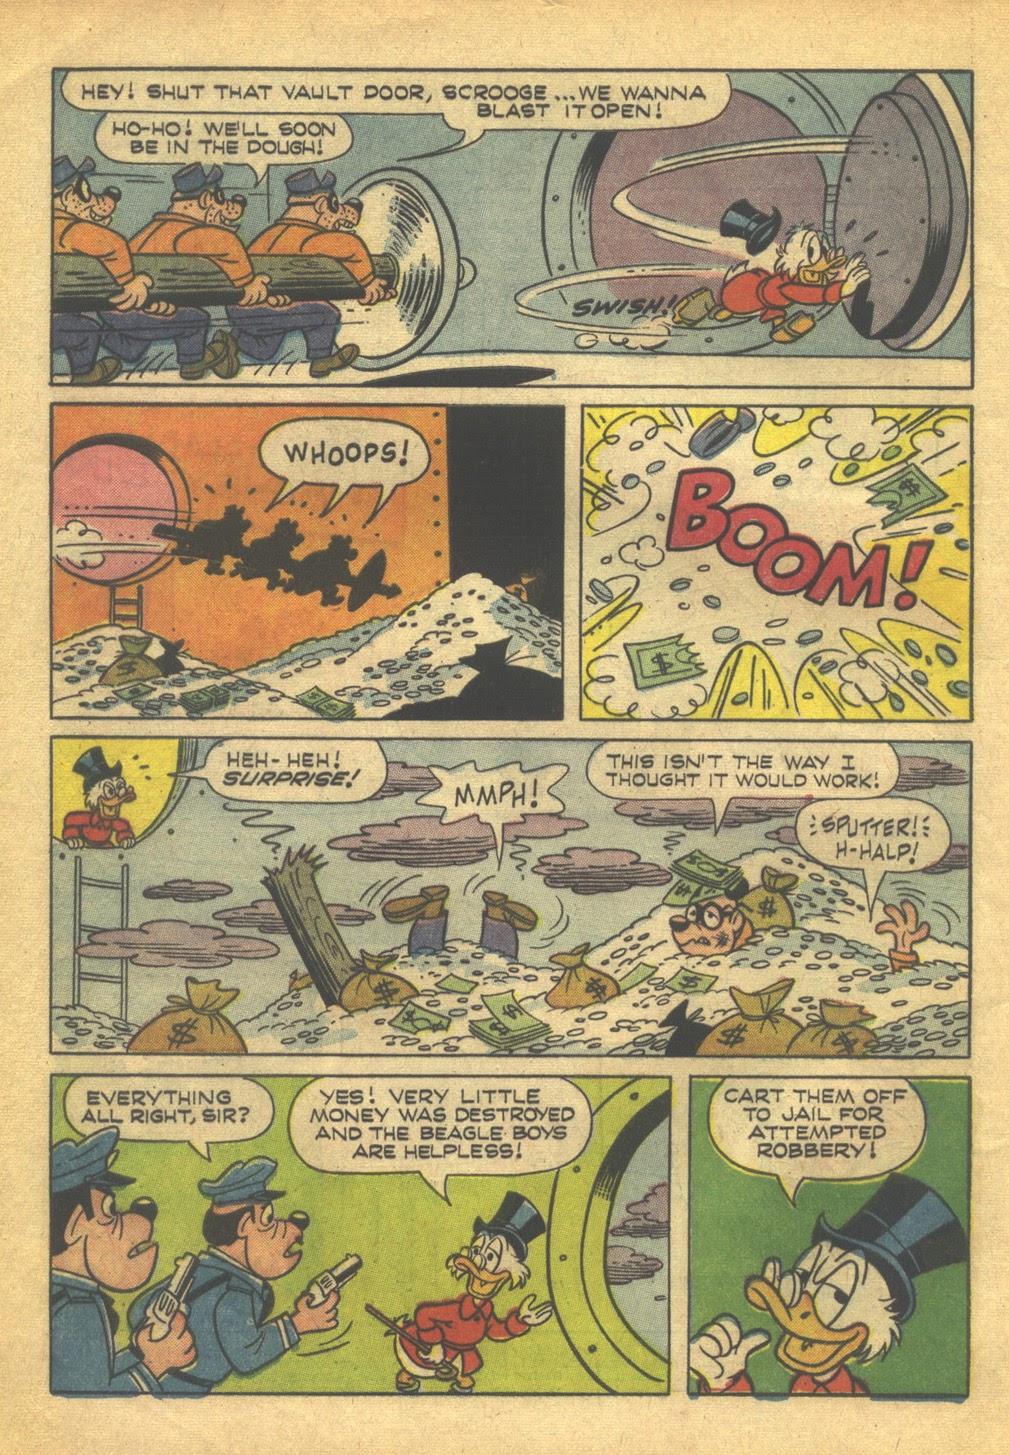 Walt Disney THE BEAGLE BOYS issue 7 - Page 4